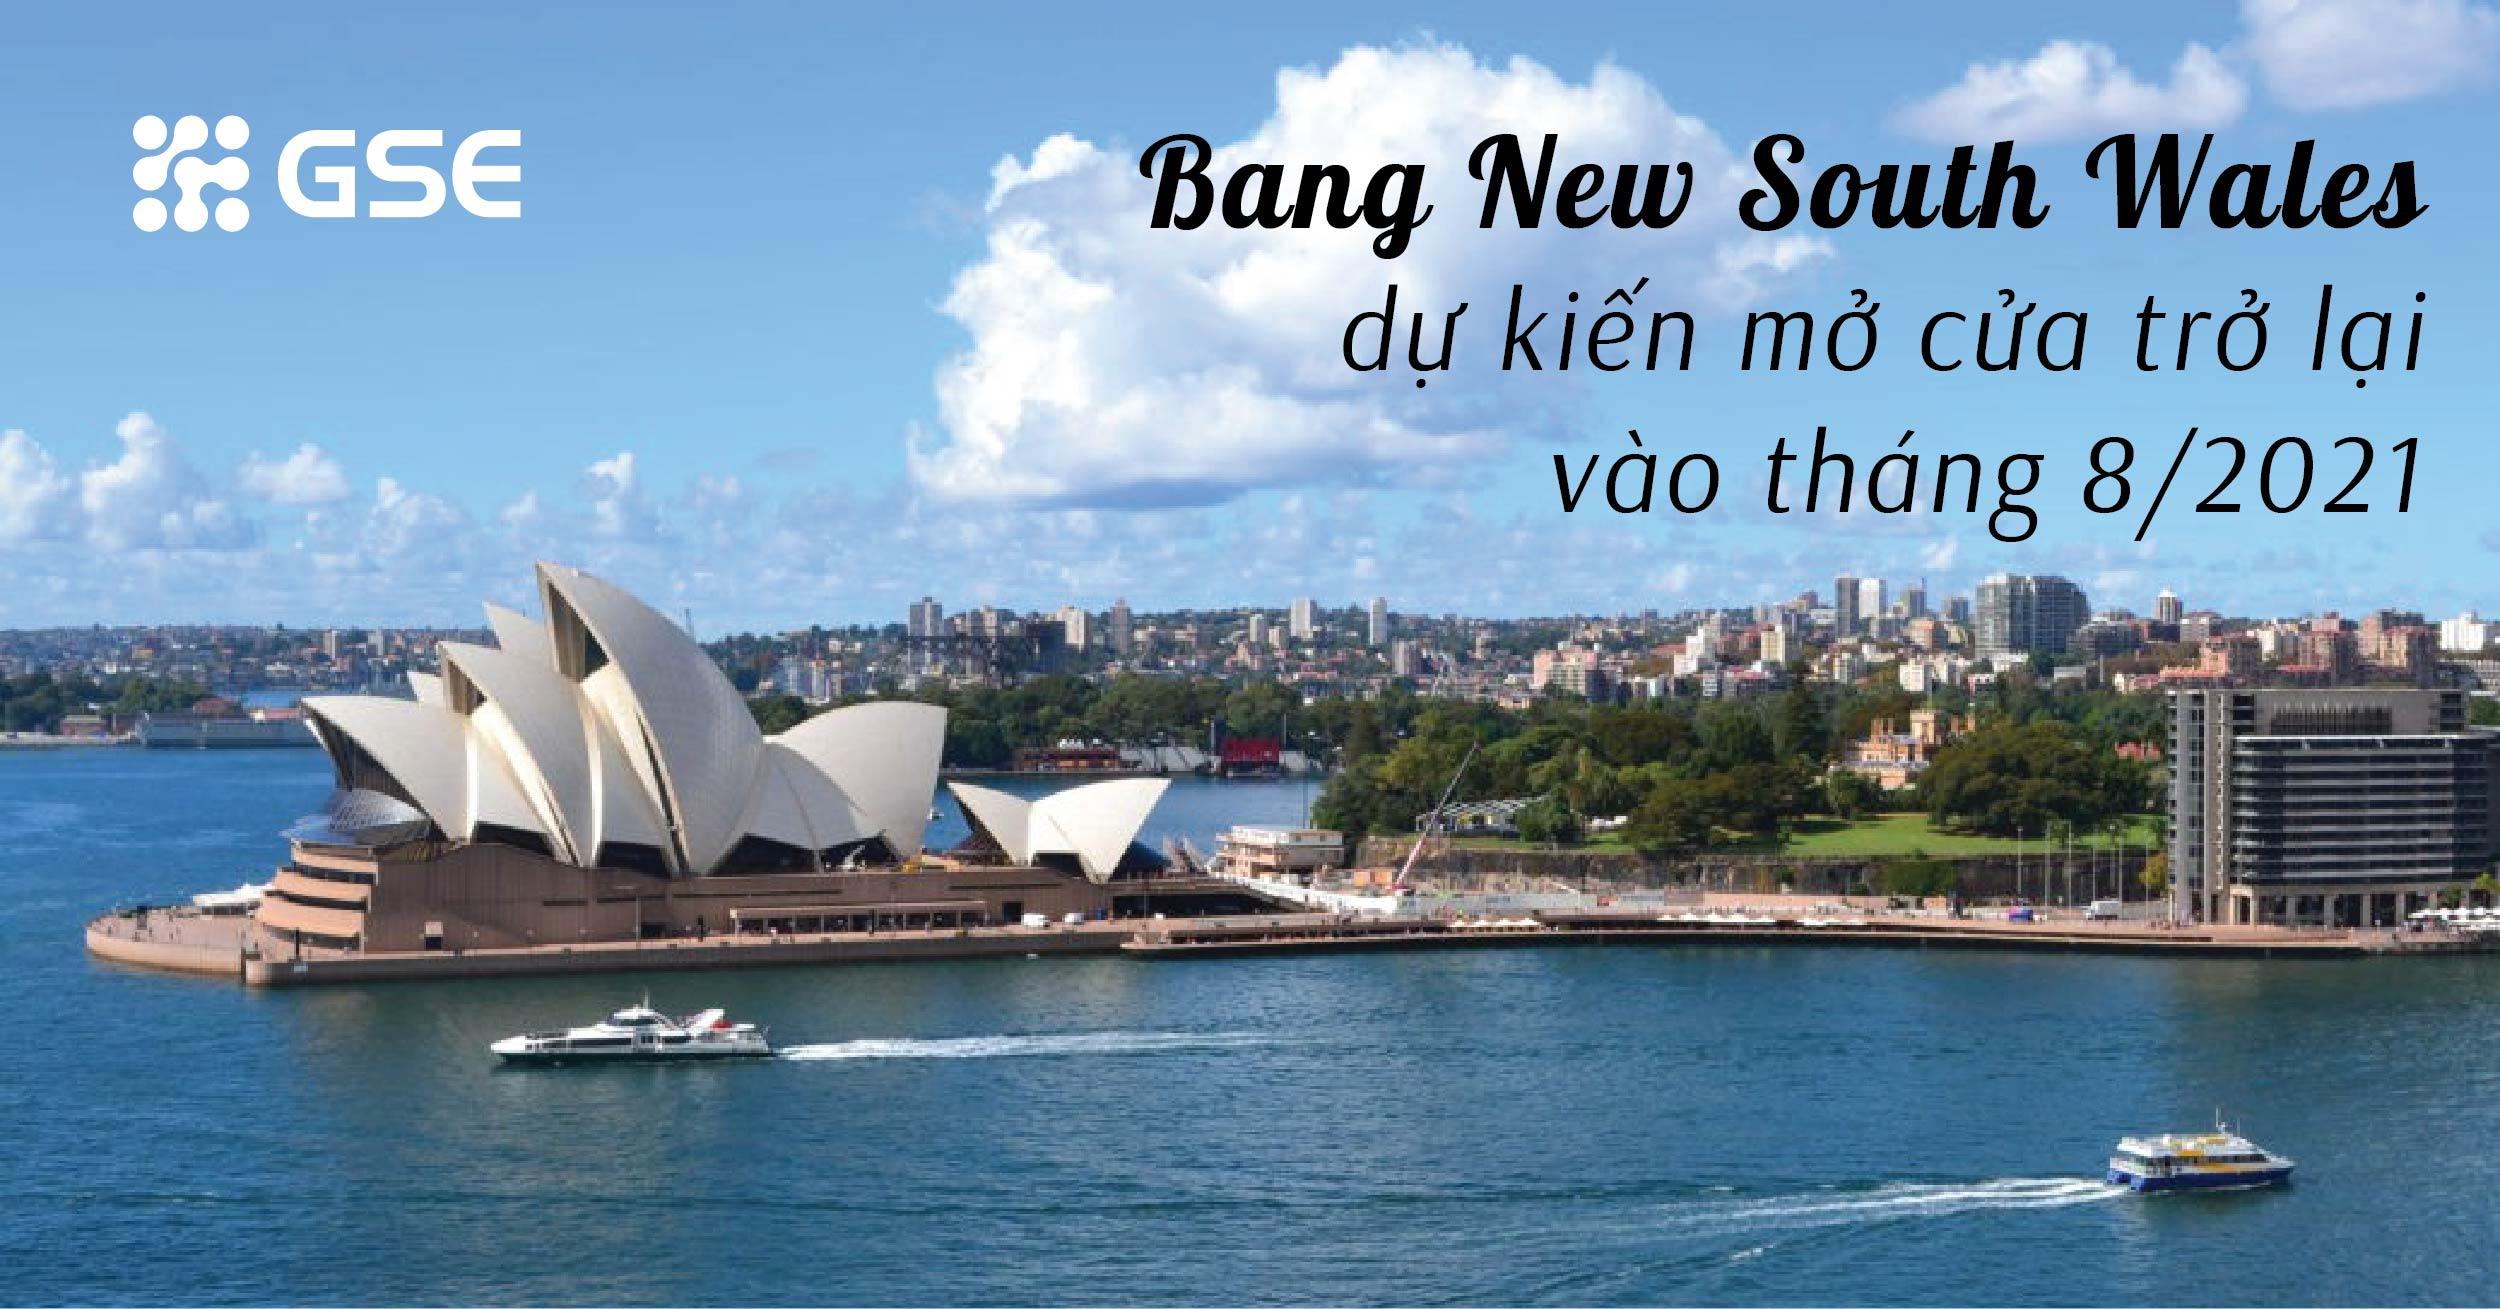 Bang New South Wales - Australia dự kiến mở cửa trở lại vào tháng 8/2021